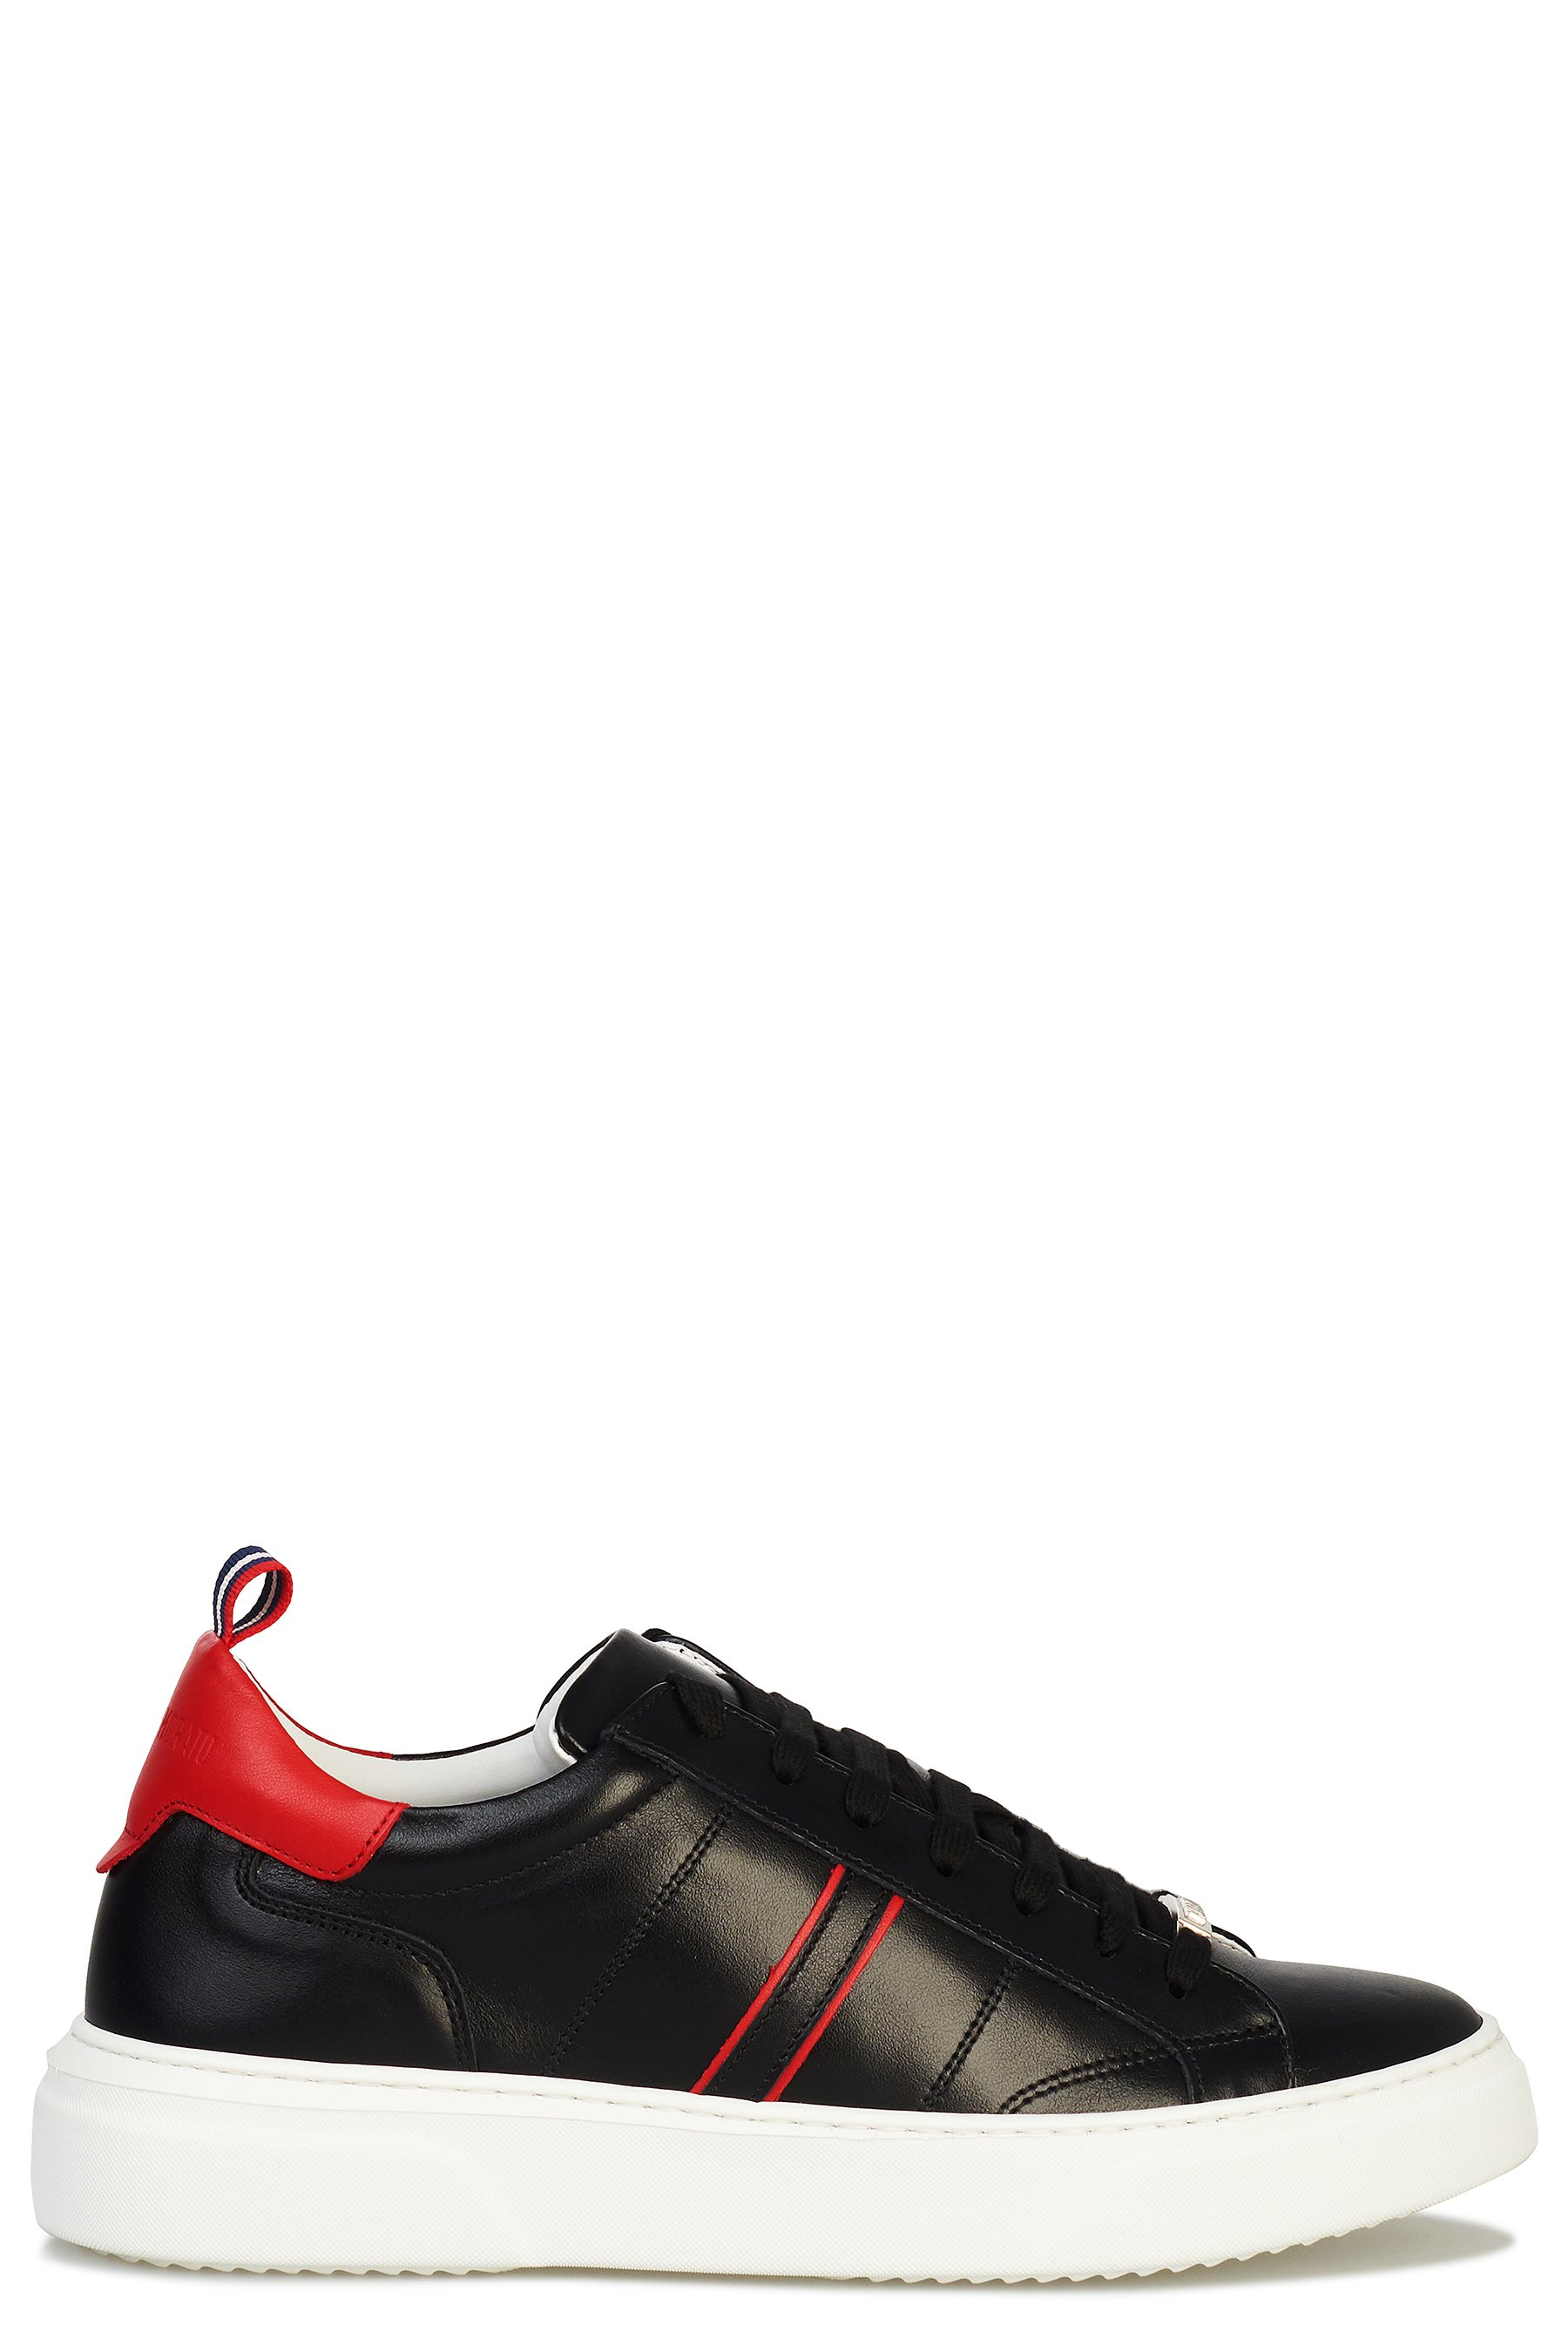 Antony Morato schoenen